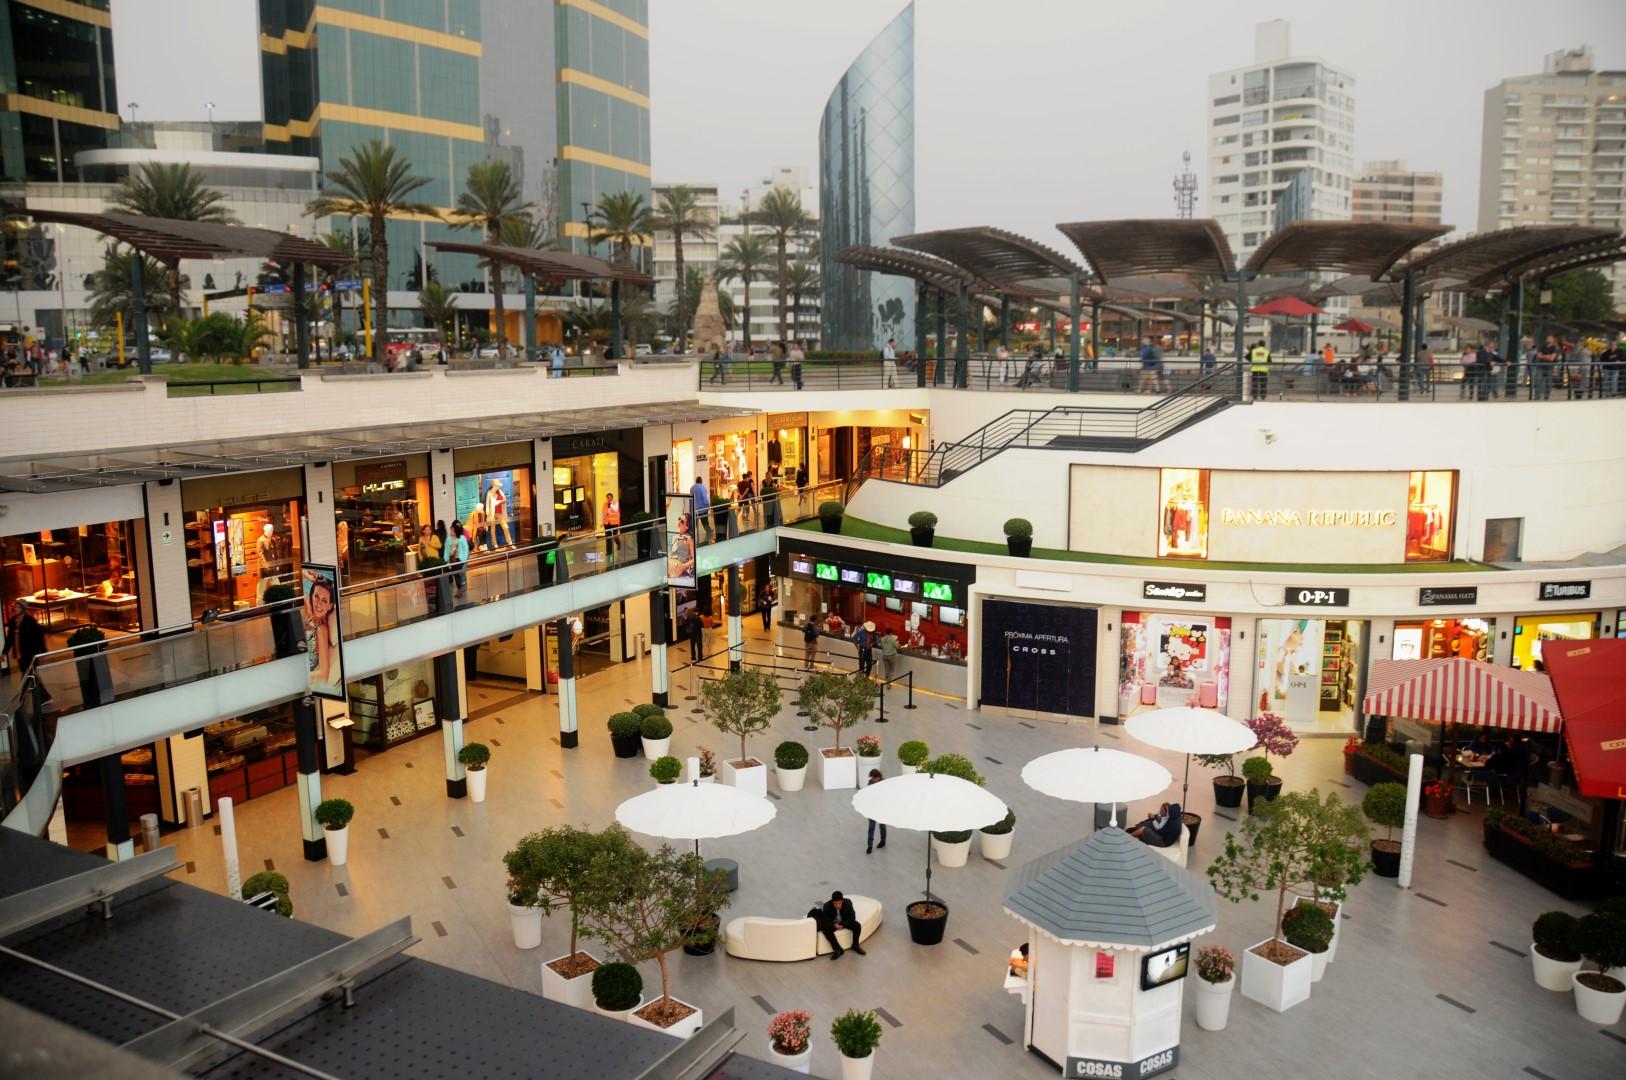 centros comerciales peru 2 - Después de Lima, Piura y Arequipa son las provincias con más centros comerciales